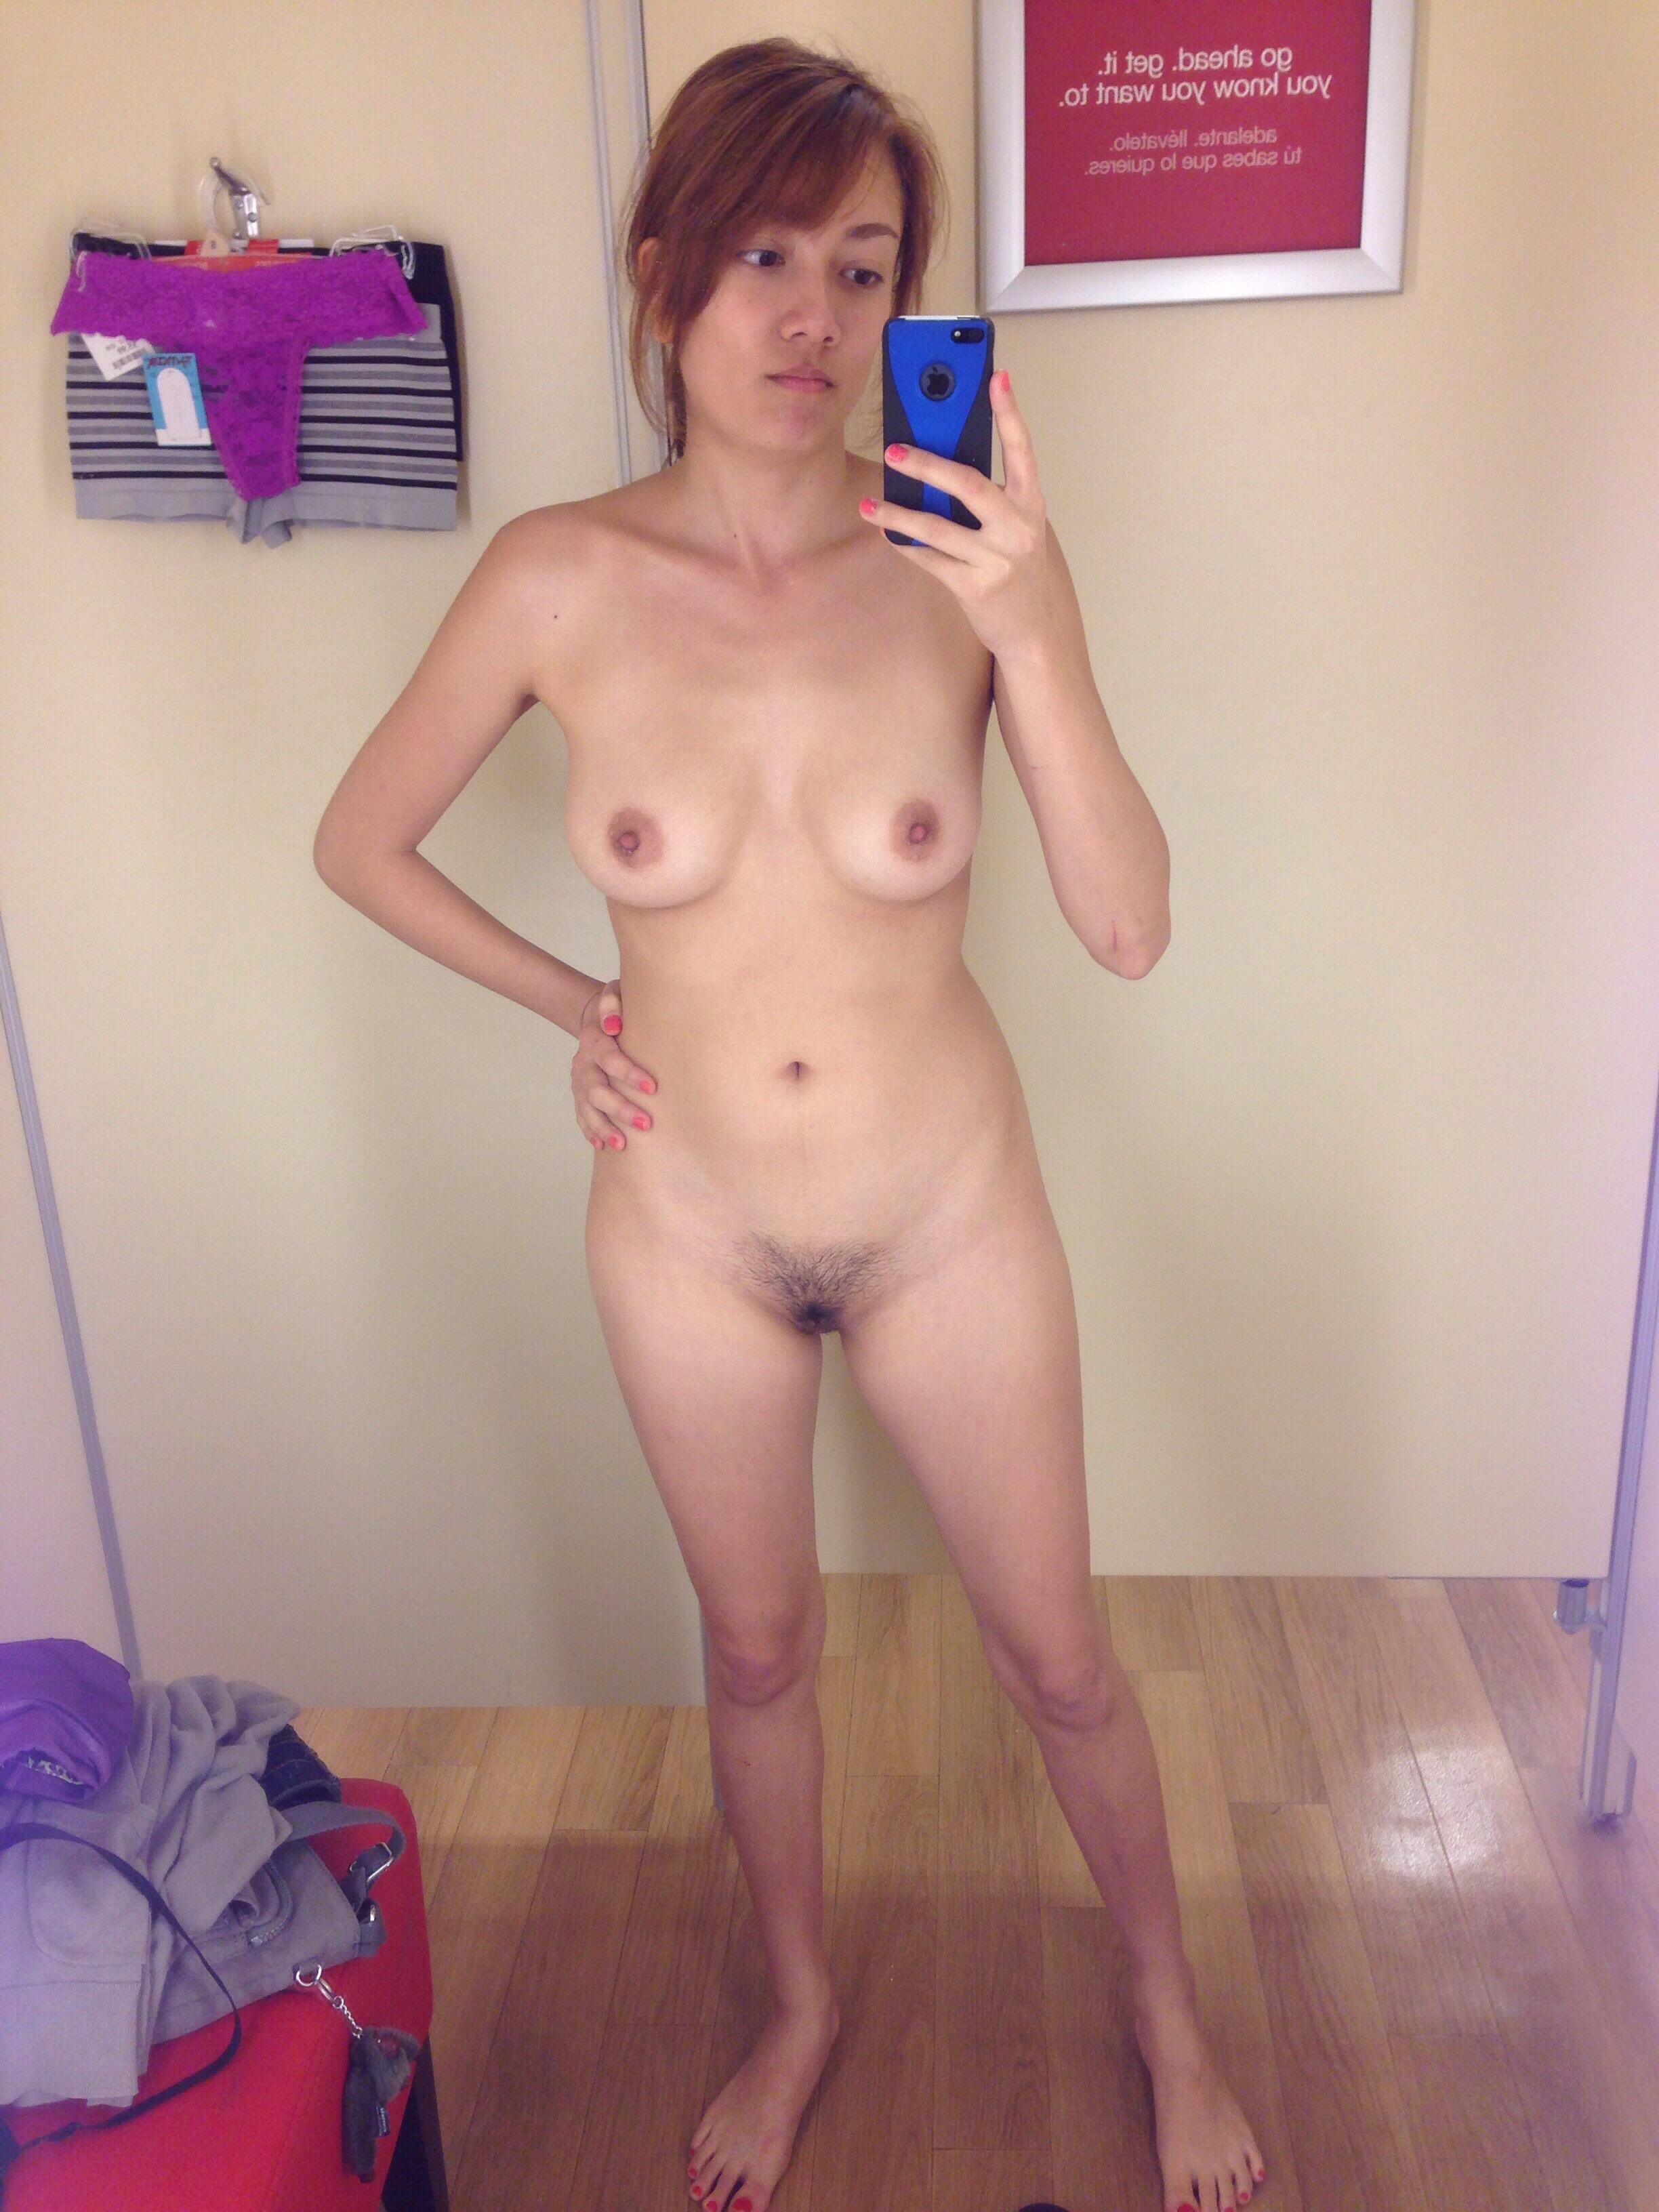 Худенькие девушки фотографируют свои тела перед зеркалом фото порно